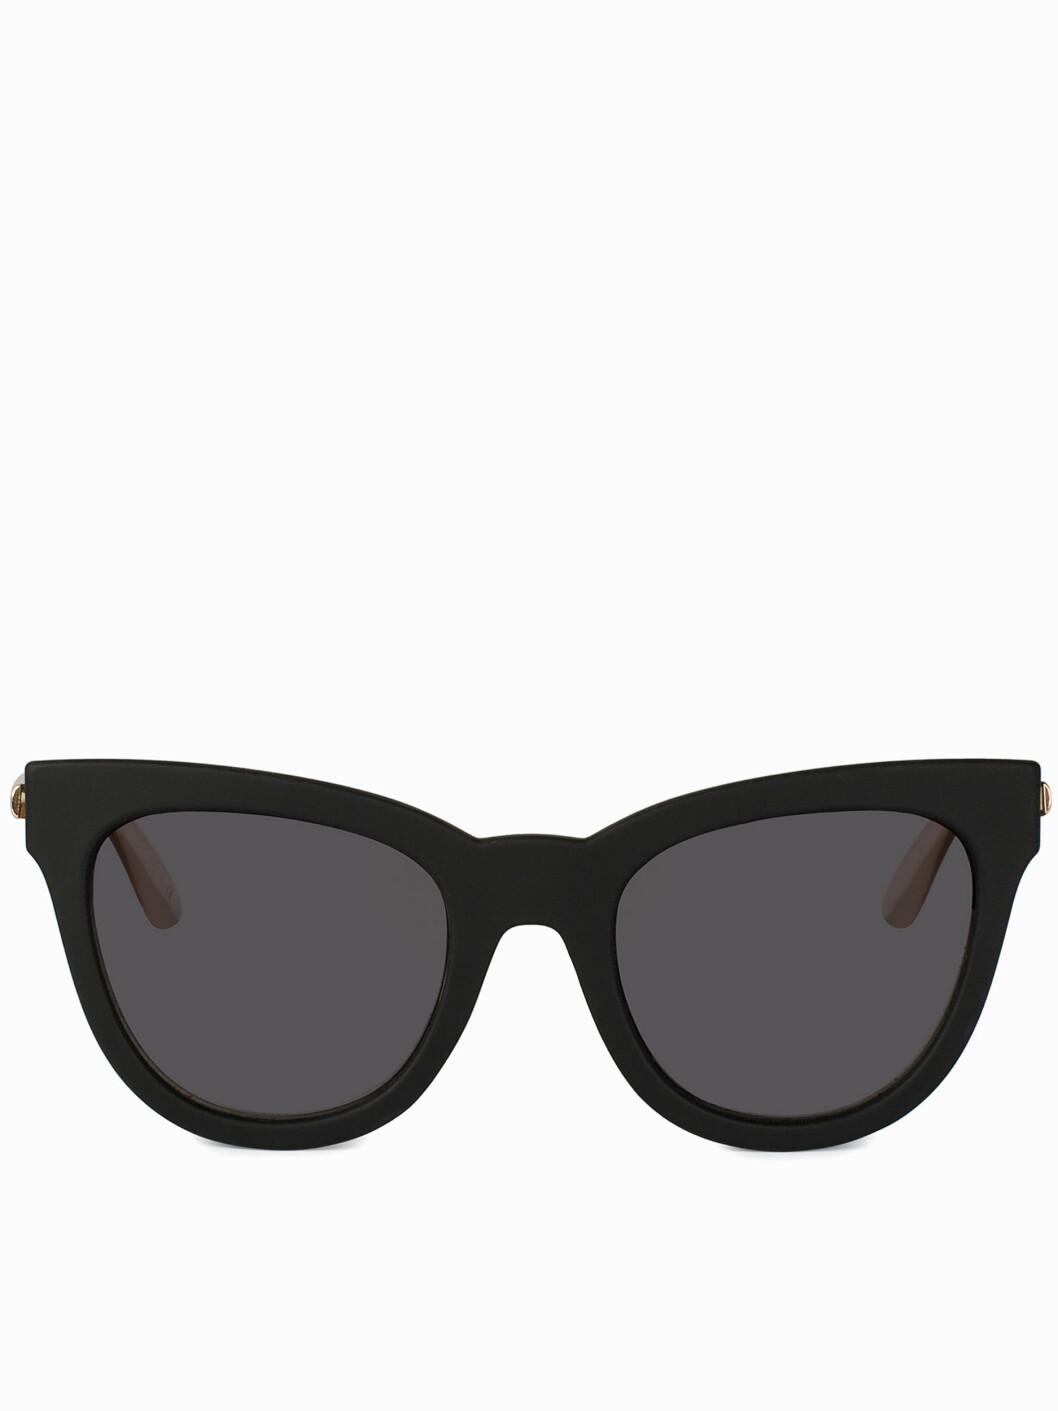 CAT EYE: Slik ser en solbrille med cat eye-form. De med kvadratisk og ovalt ansikt kler disse godt! Dersom du har langt eller rundt ansikt, er kanskje ikke dette den heldigste formen på solbrille for deg. Foto: Nelly.com